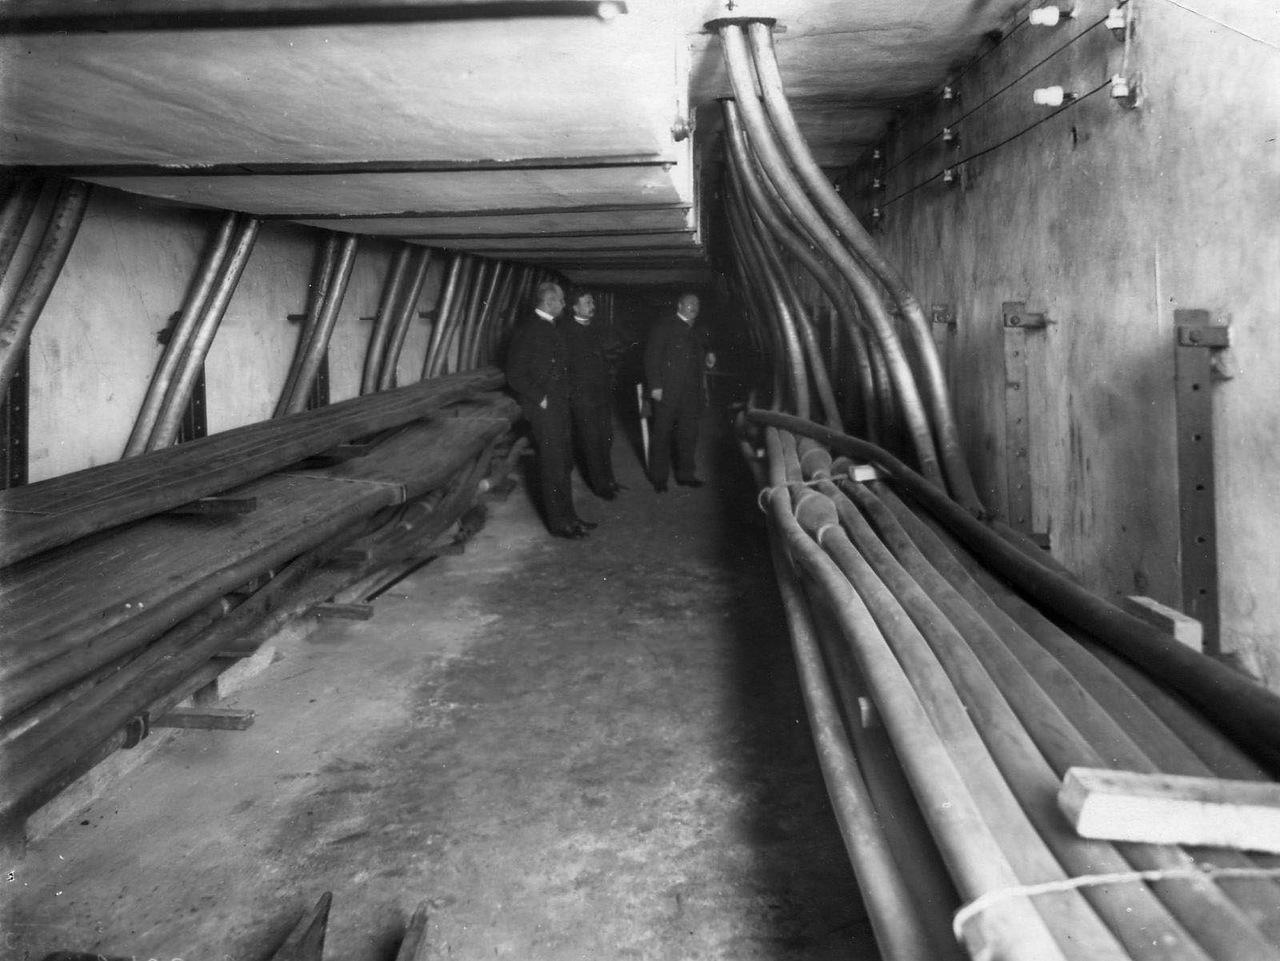 0_adb41_e9c7ca0e_XXXLВывод подземных кабелей.